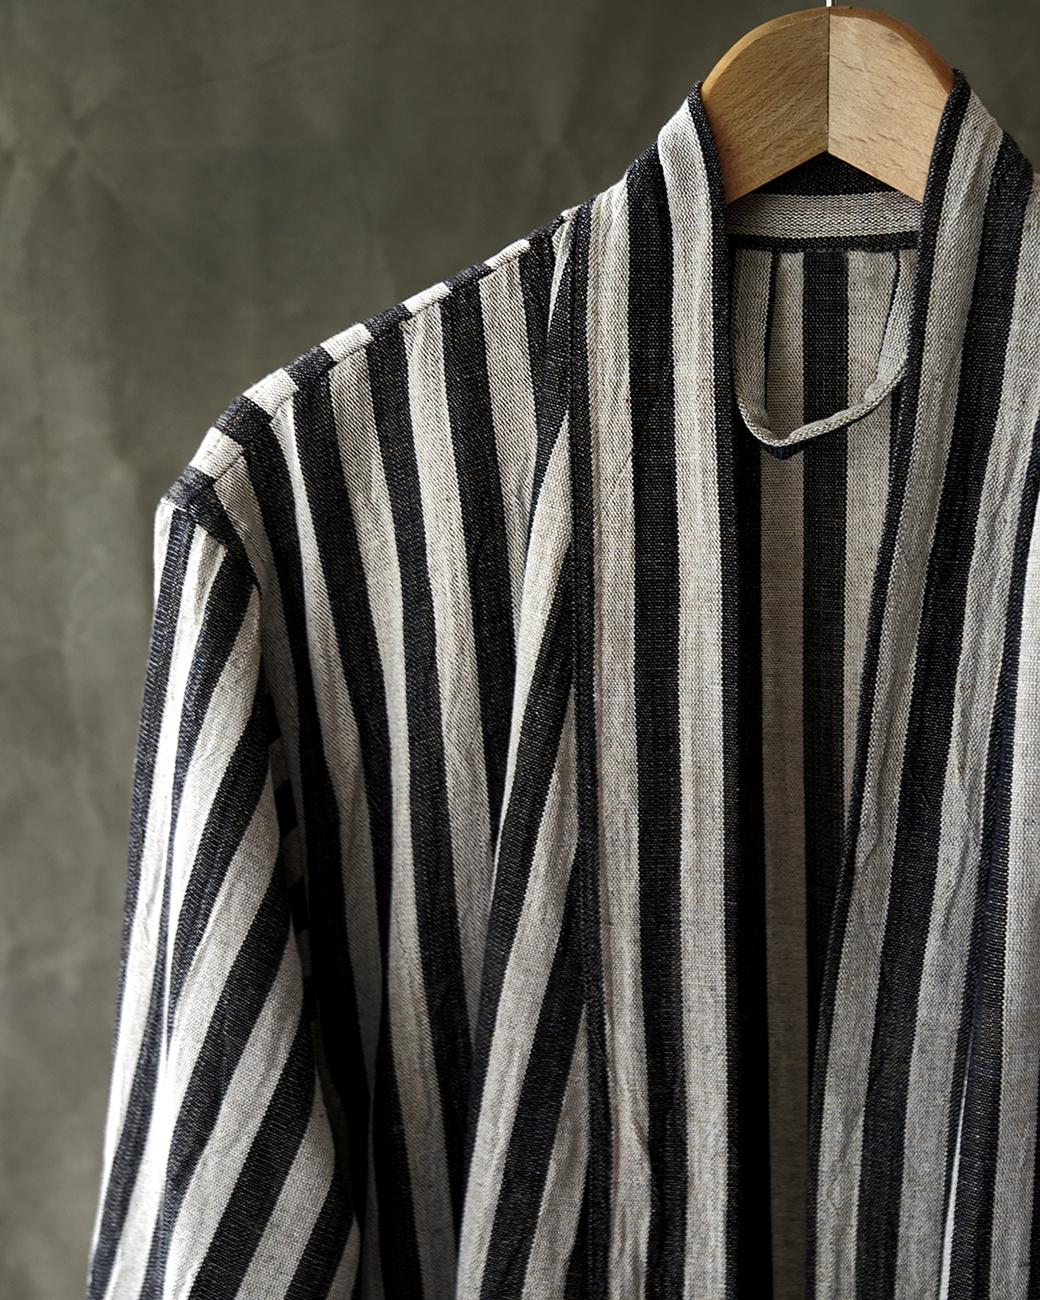 Striped Bathrobe Cotton/Linen